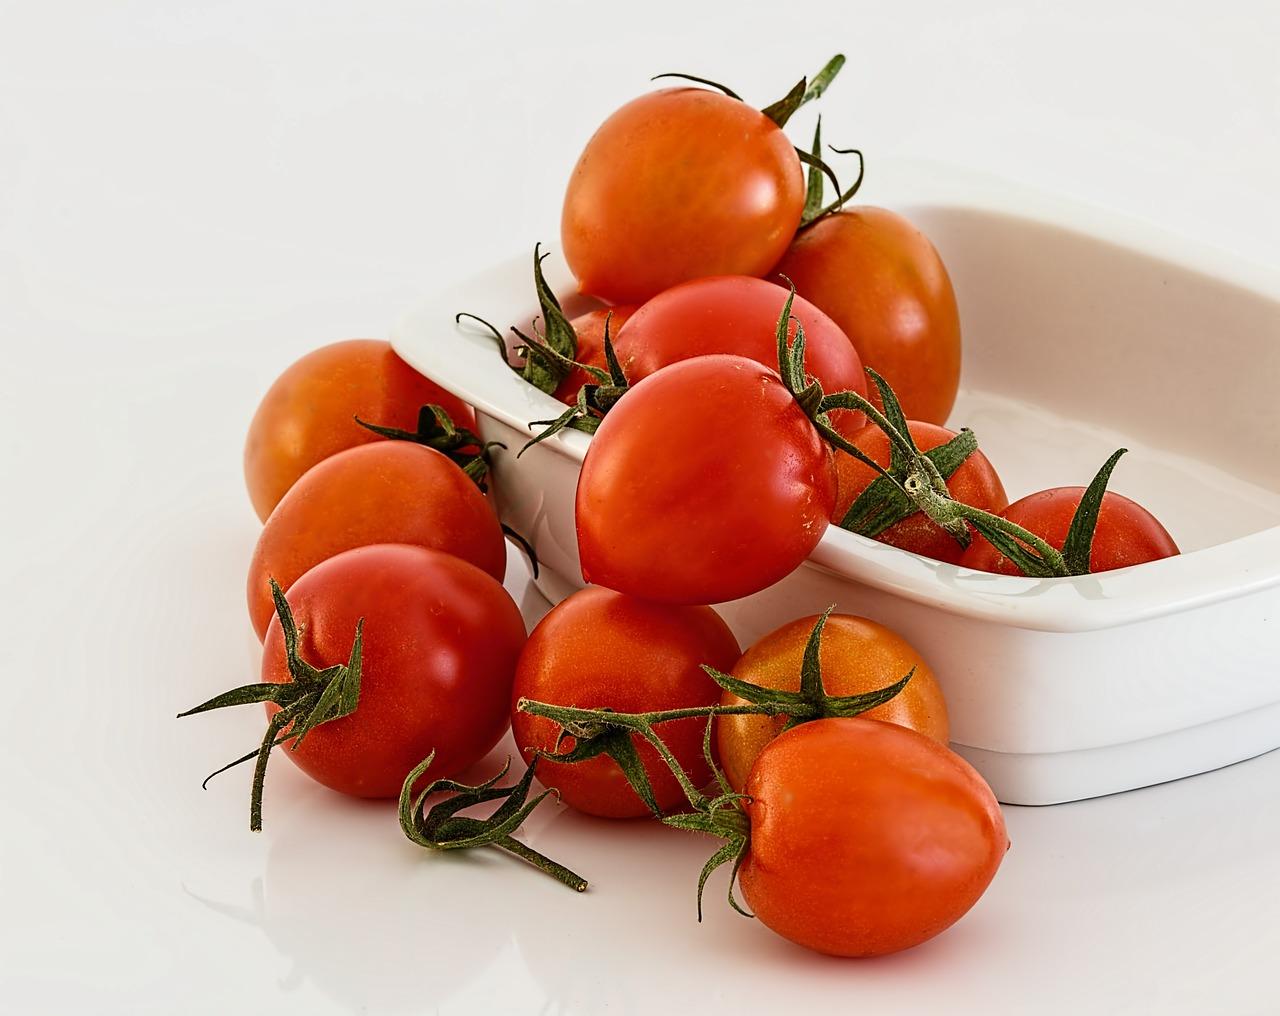 tomato-435867_1280